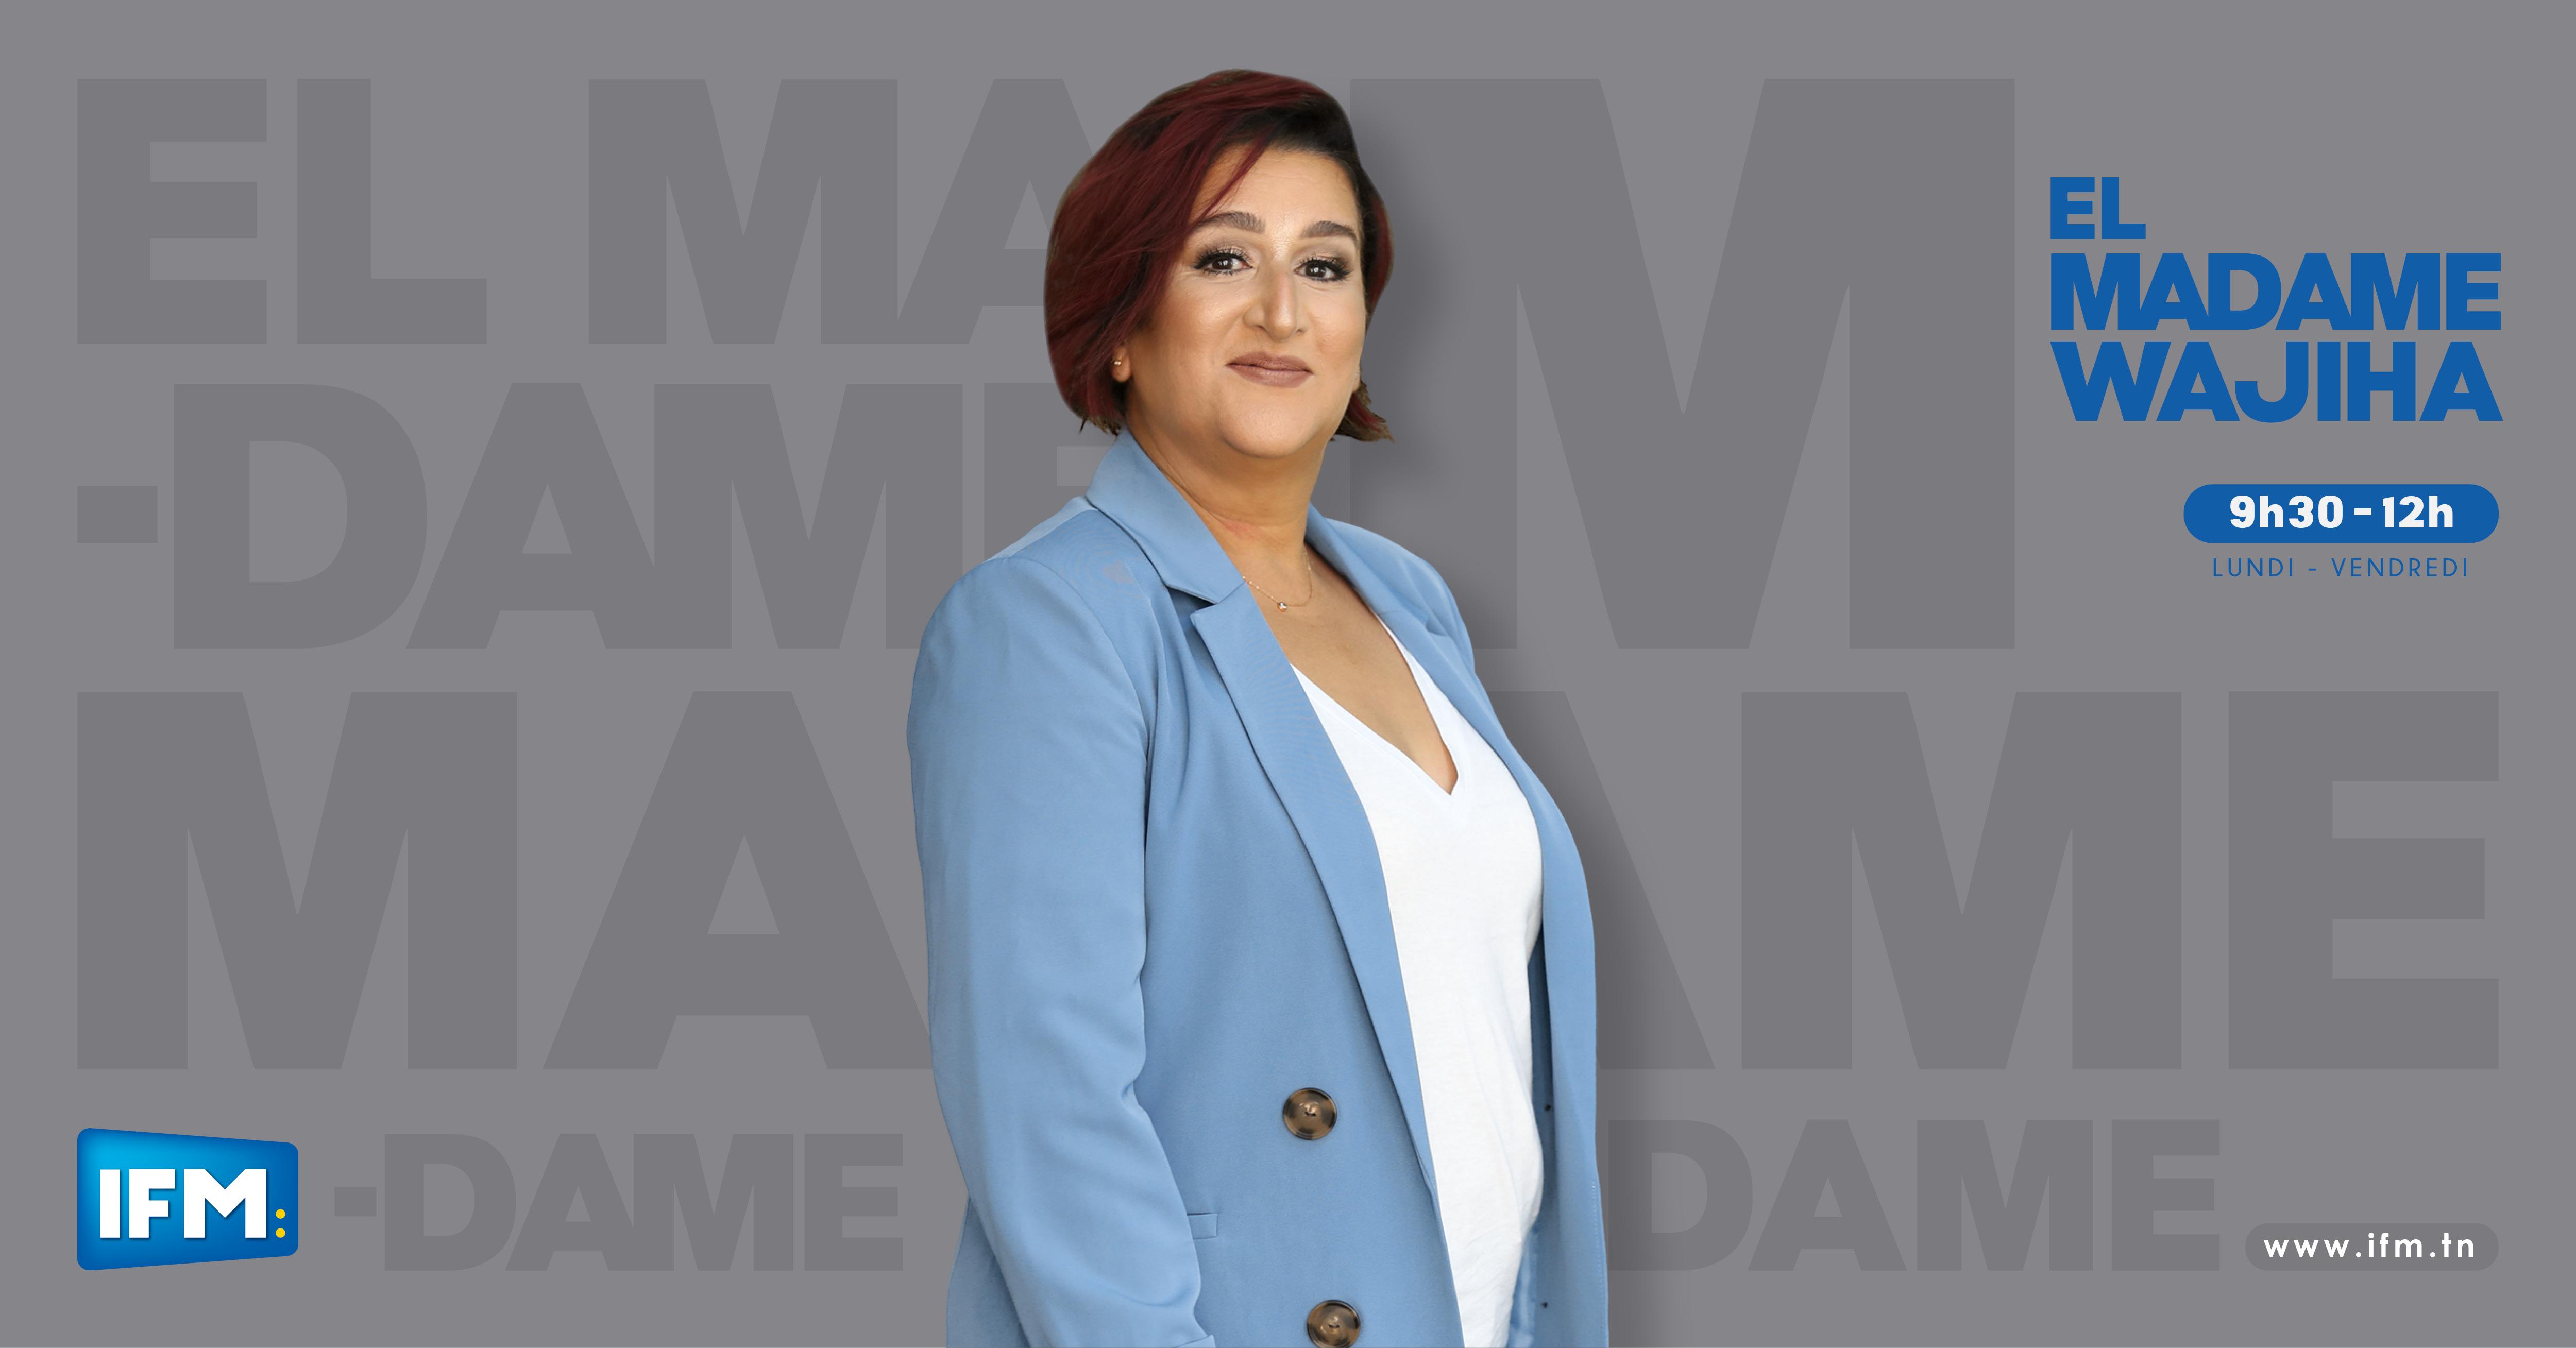 رفضت الاعتذار للصحفي نقابة الصحافيين تقرر مقاطعة عبير موسي الى حين الاعتذار